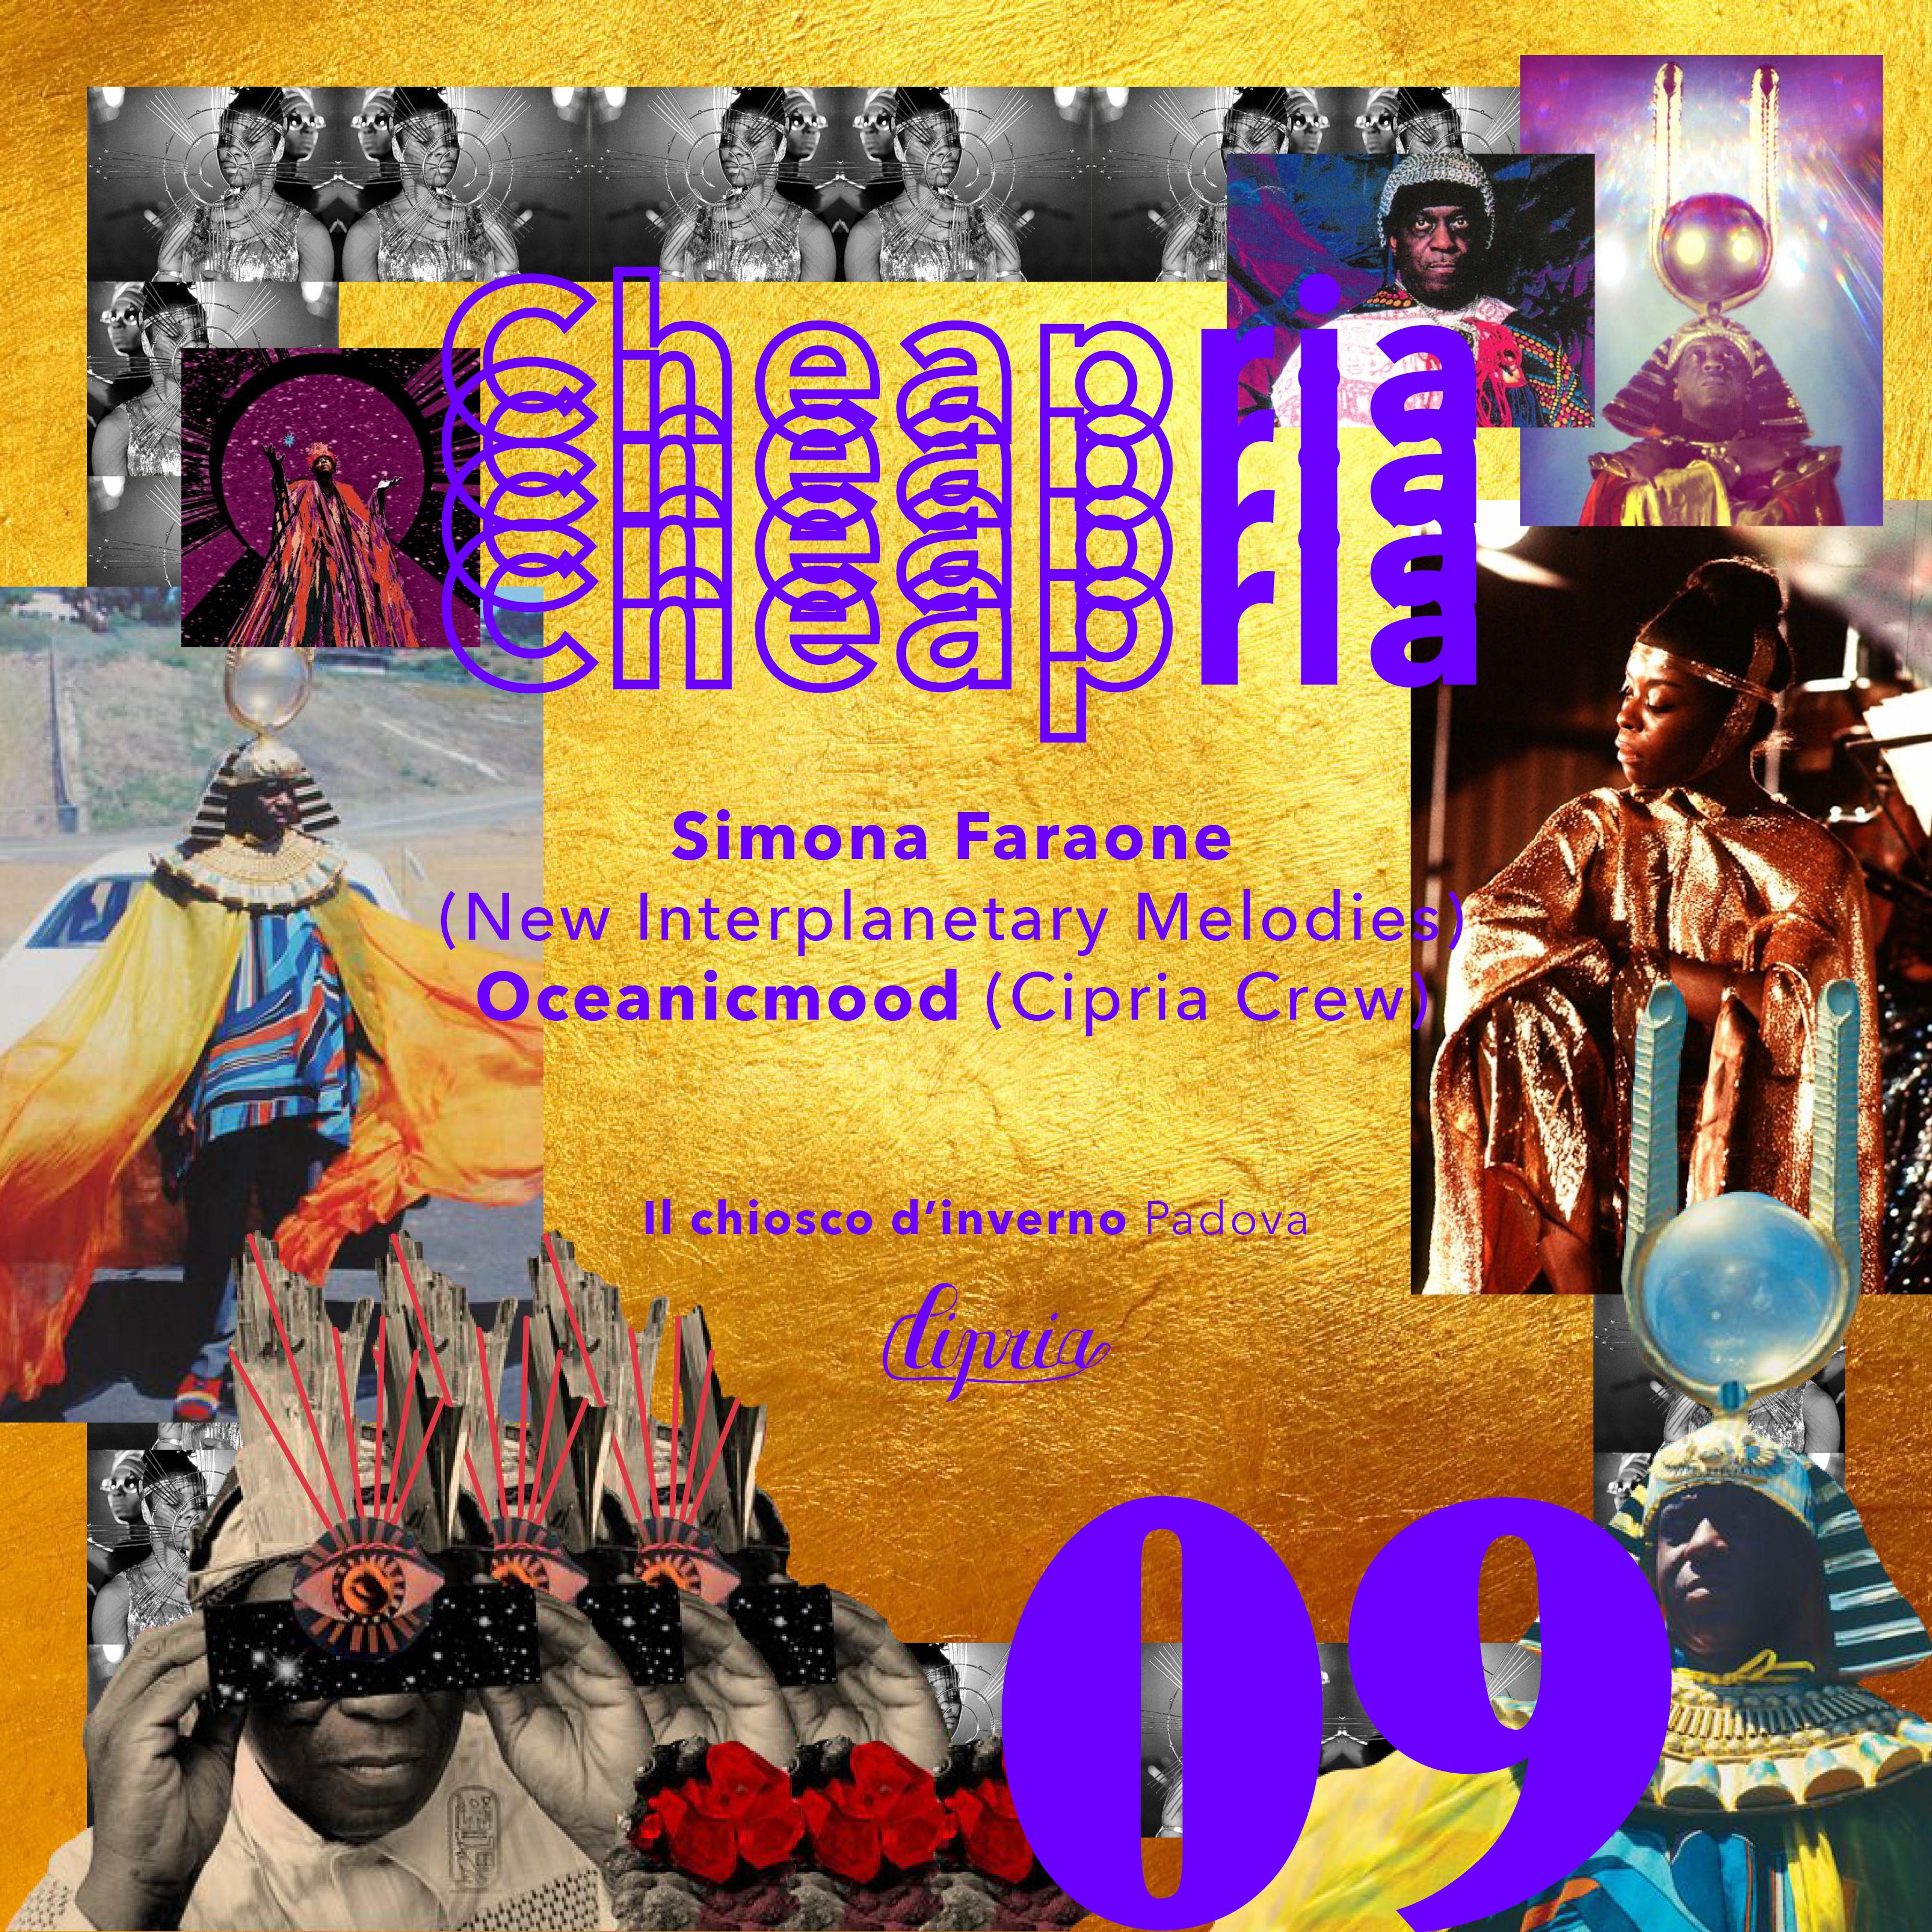 Cheapria SunRa Carnival@Il Chiosco|Ven 09.02.18 w/Simona Faraone